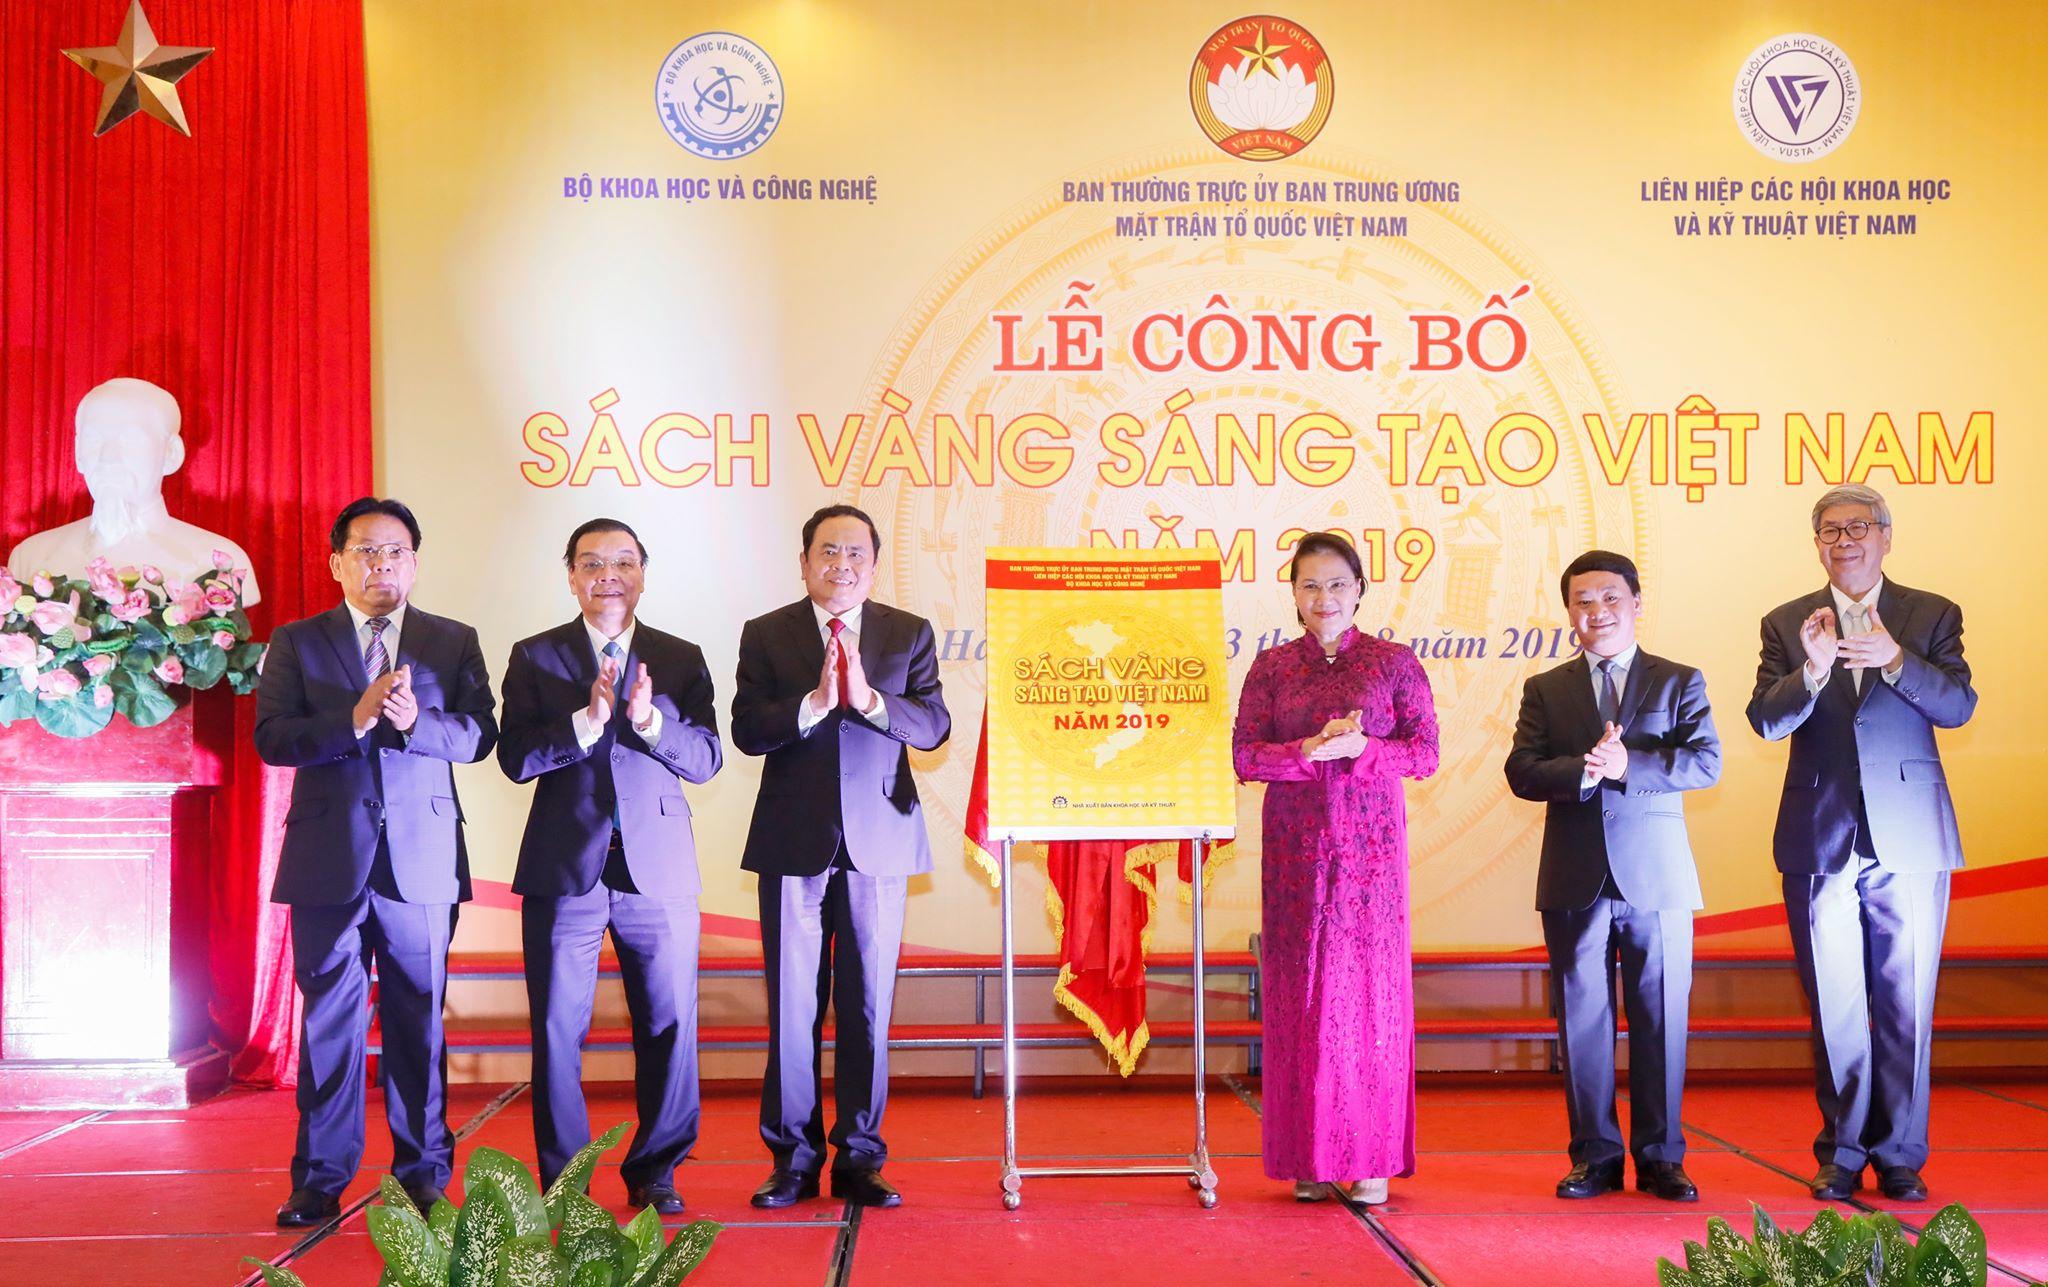 Chủ tịch Quốc hội Nguyễn Thị Kim Ngân và Chủ tịch Ủy ban Trung ương MTTQ Việt Nam Trần Thanh Mẫn cùng các đại biểu thực hiện nghi thức công bố Sách vàng Sáng tạo Việt Nam năm 2019